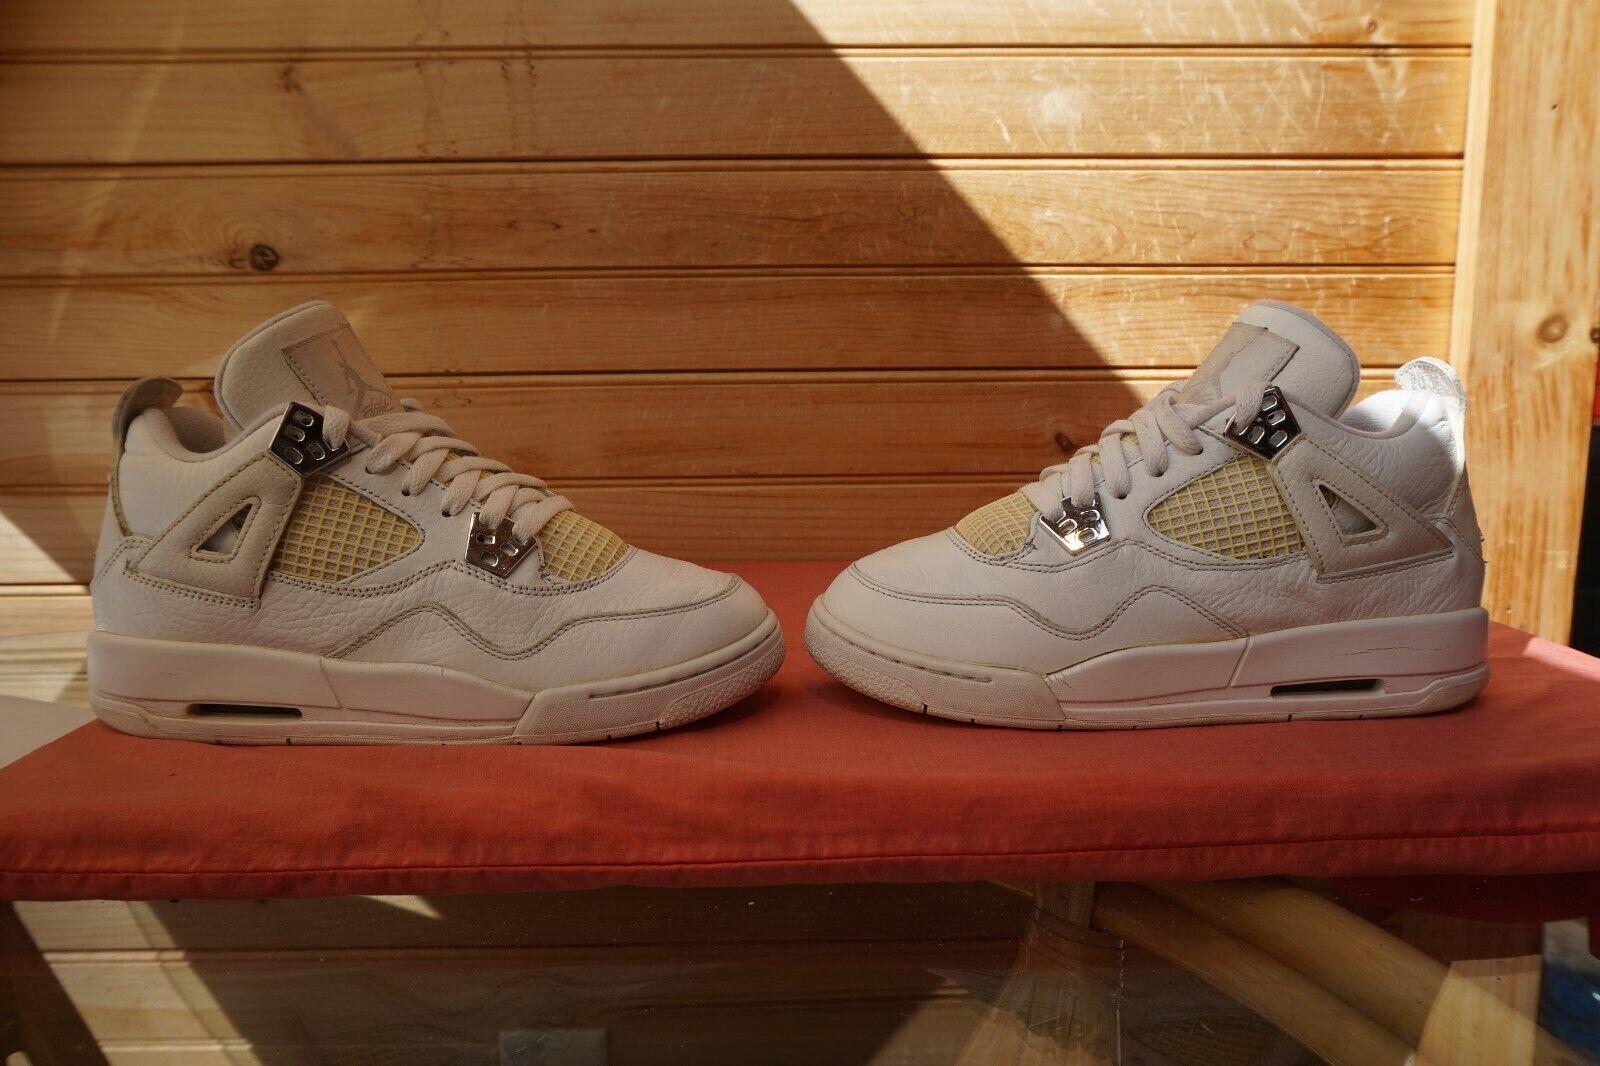 2010 Nike Air Jordan 4 Retro GS  25th Anniversary  Sz 5.5Y (L131) 408452-101